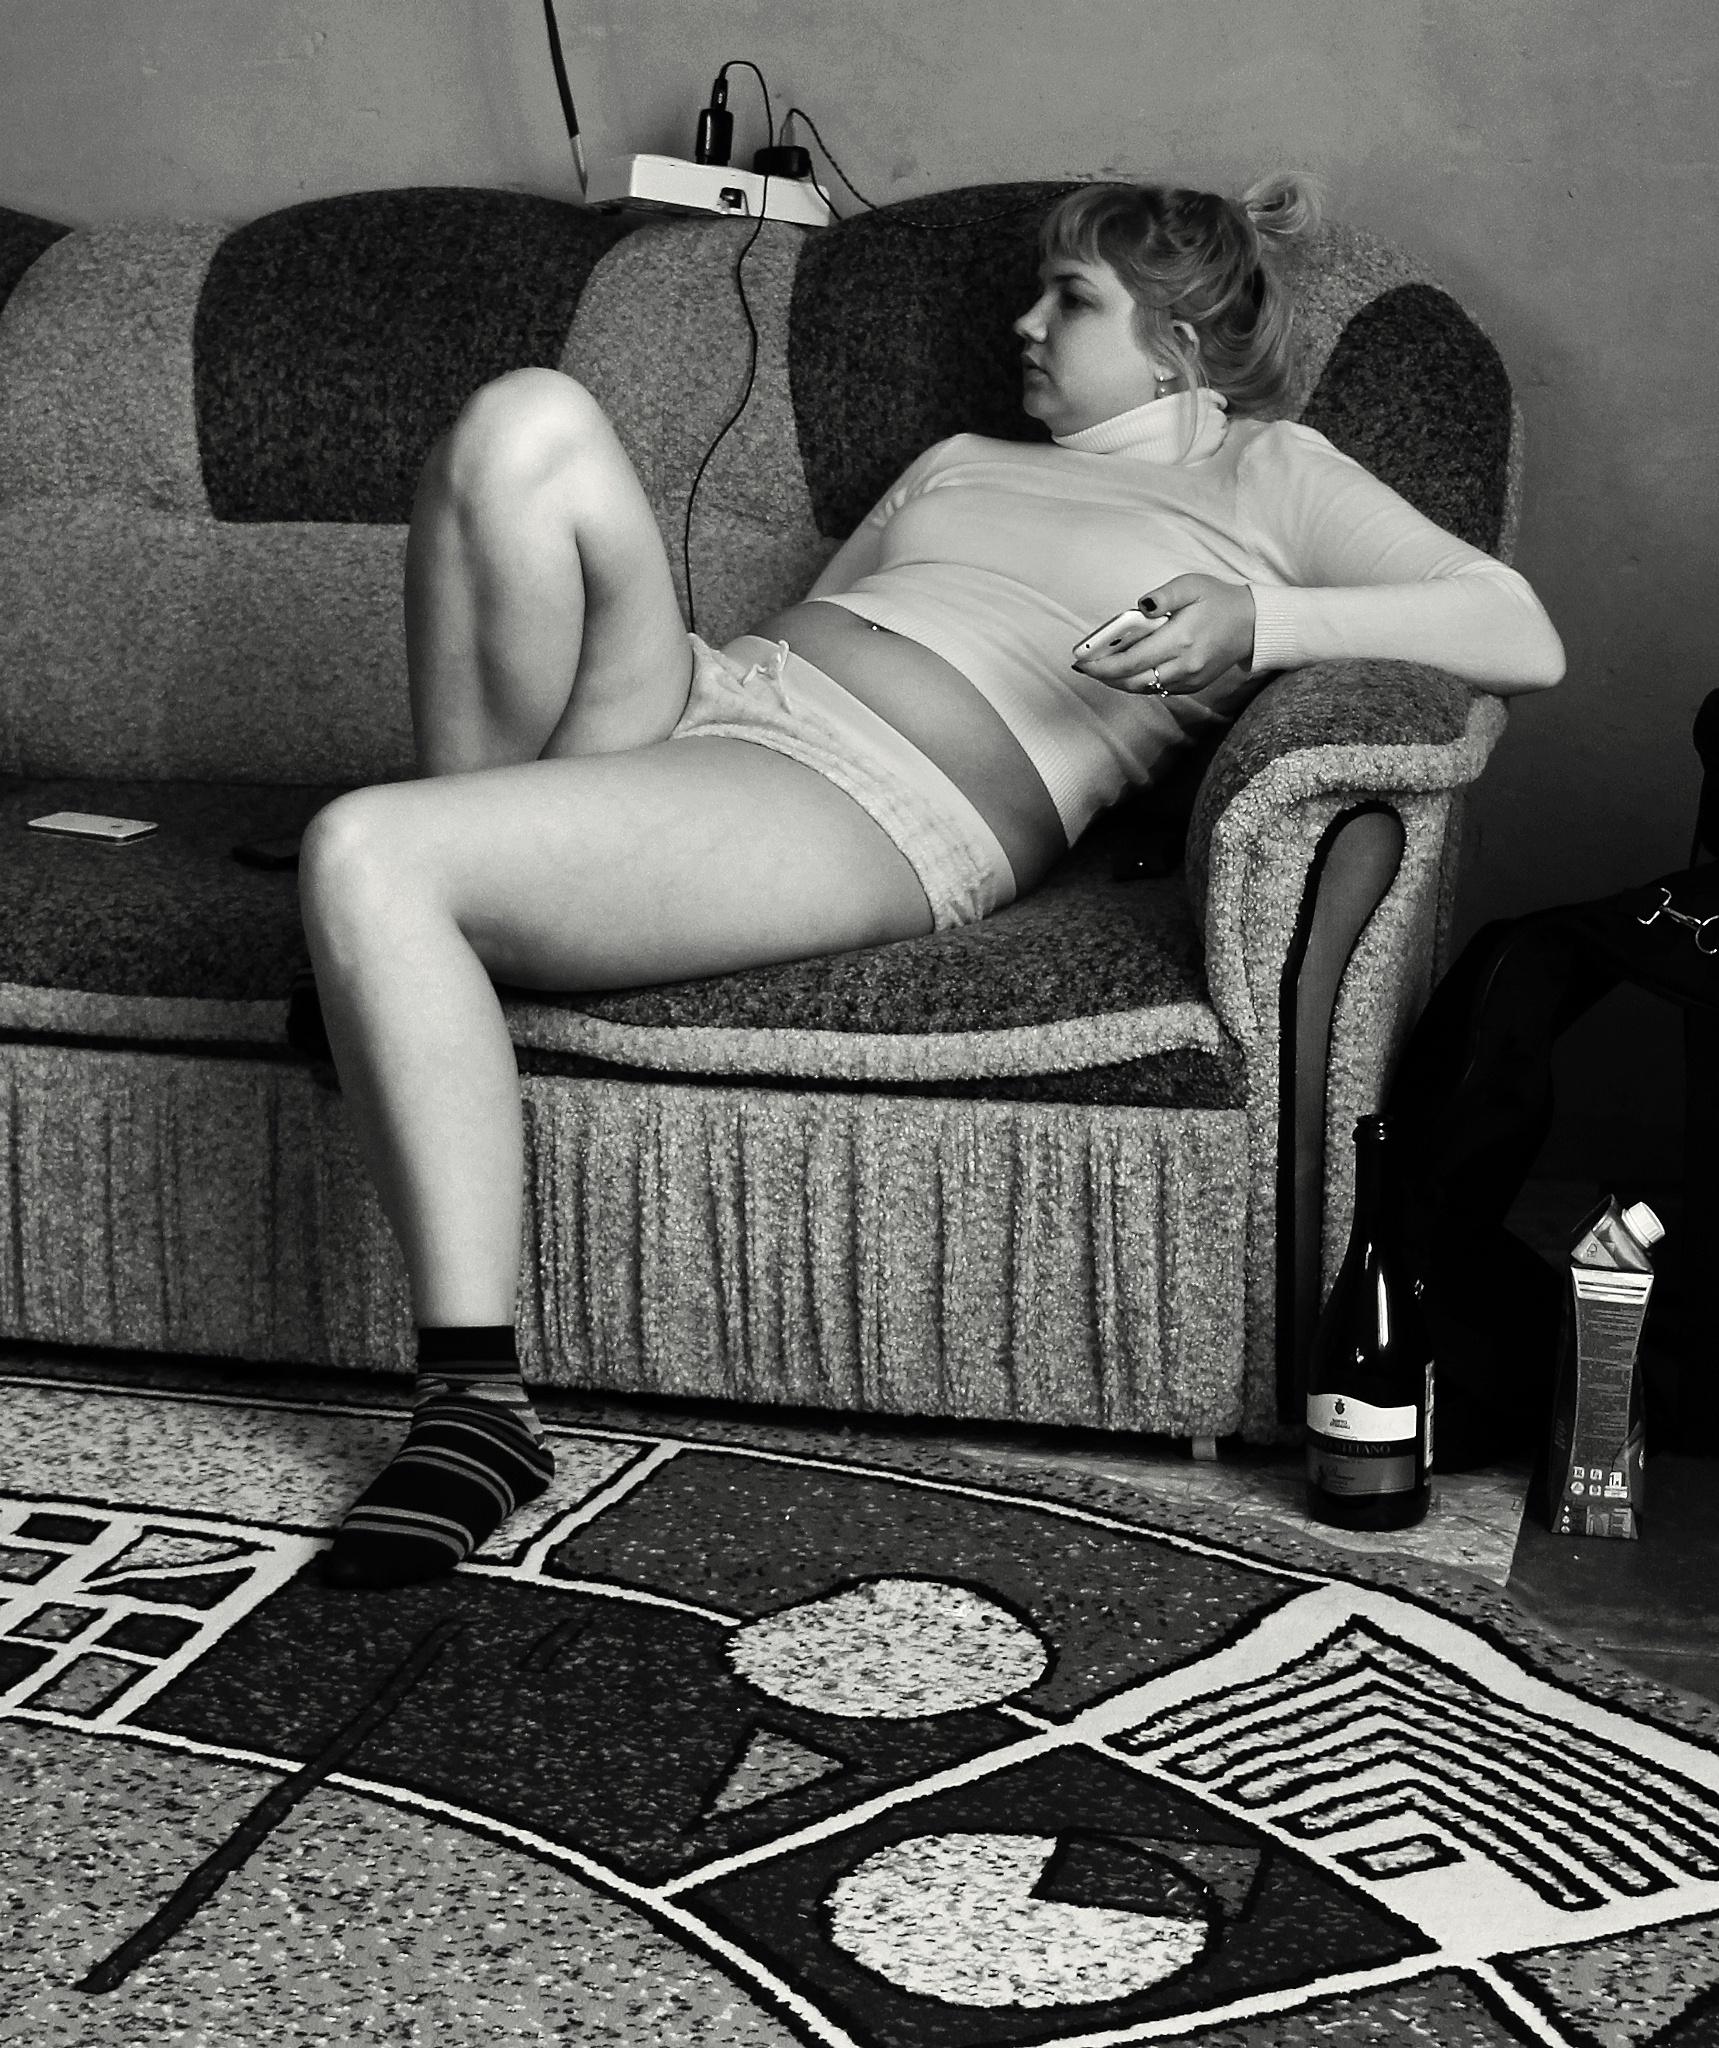 Last bottle of champagne by Сергей Юрьев